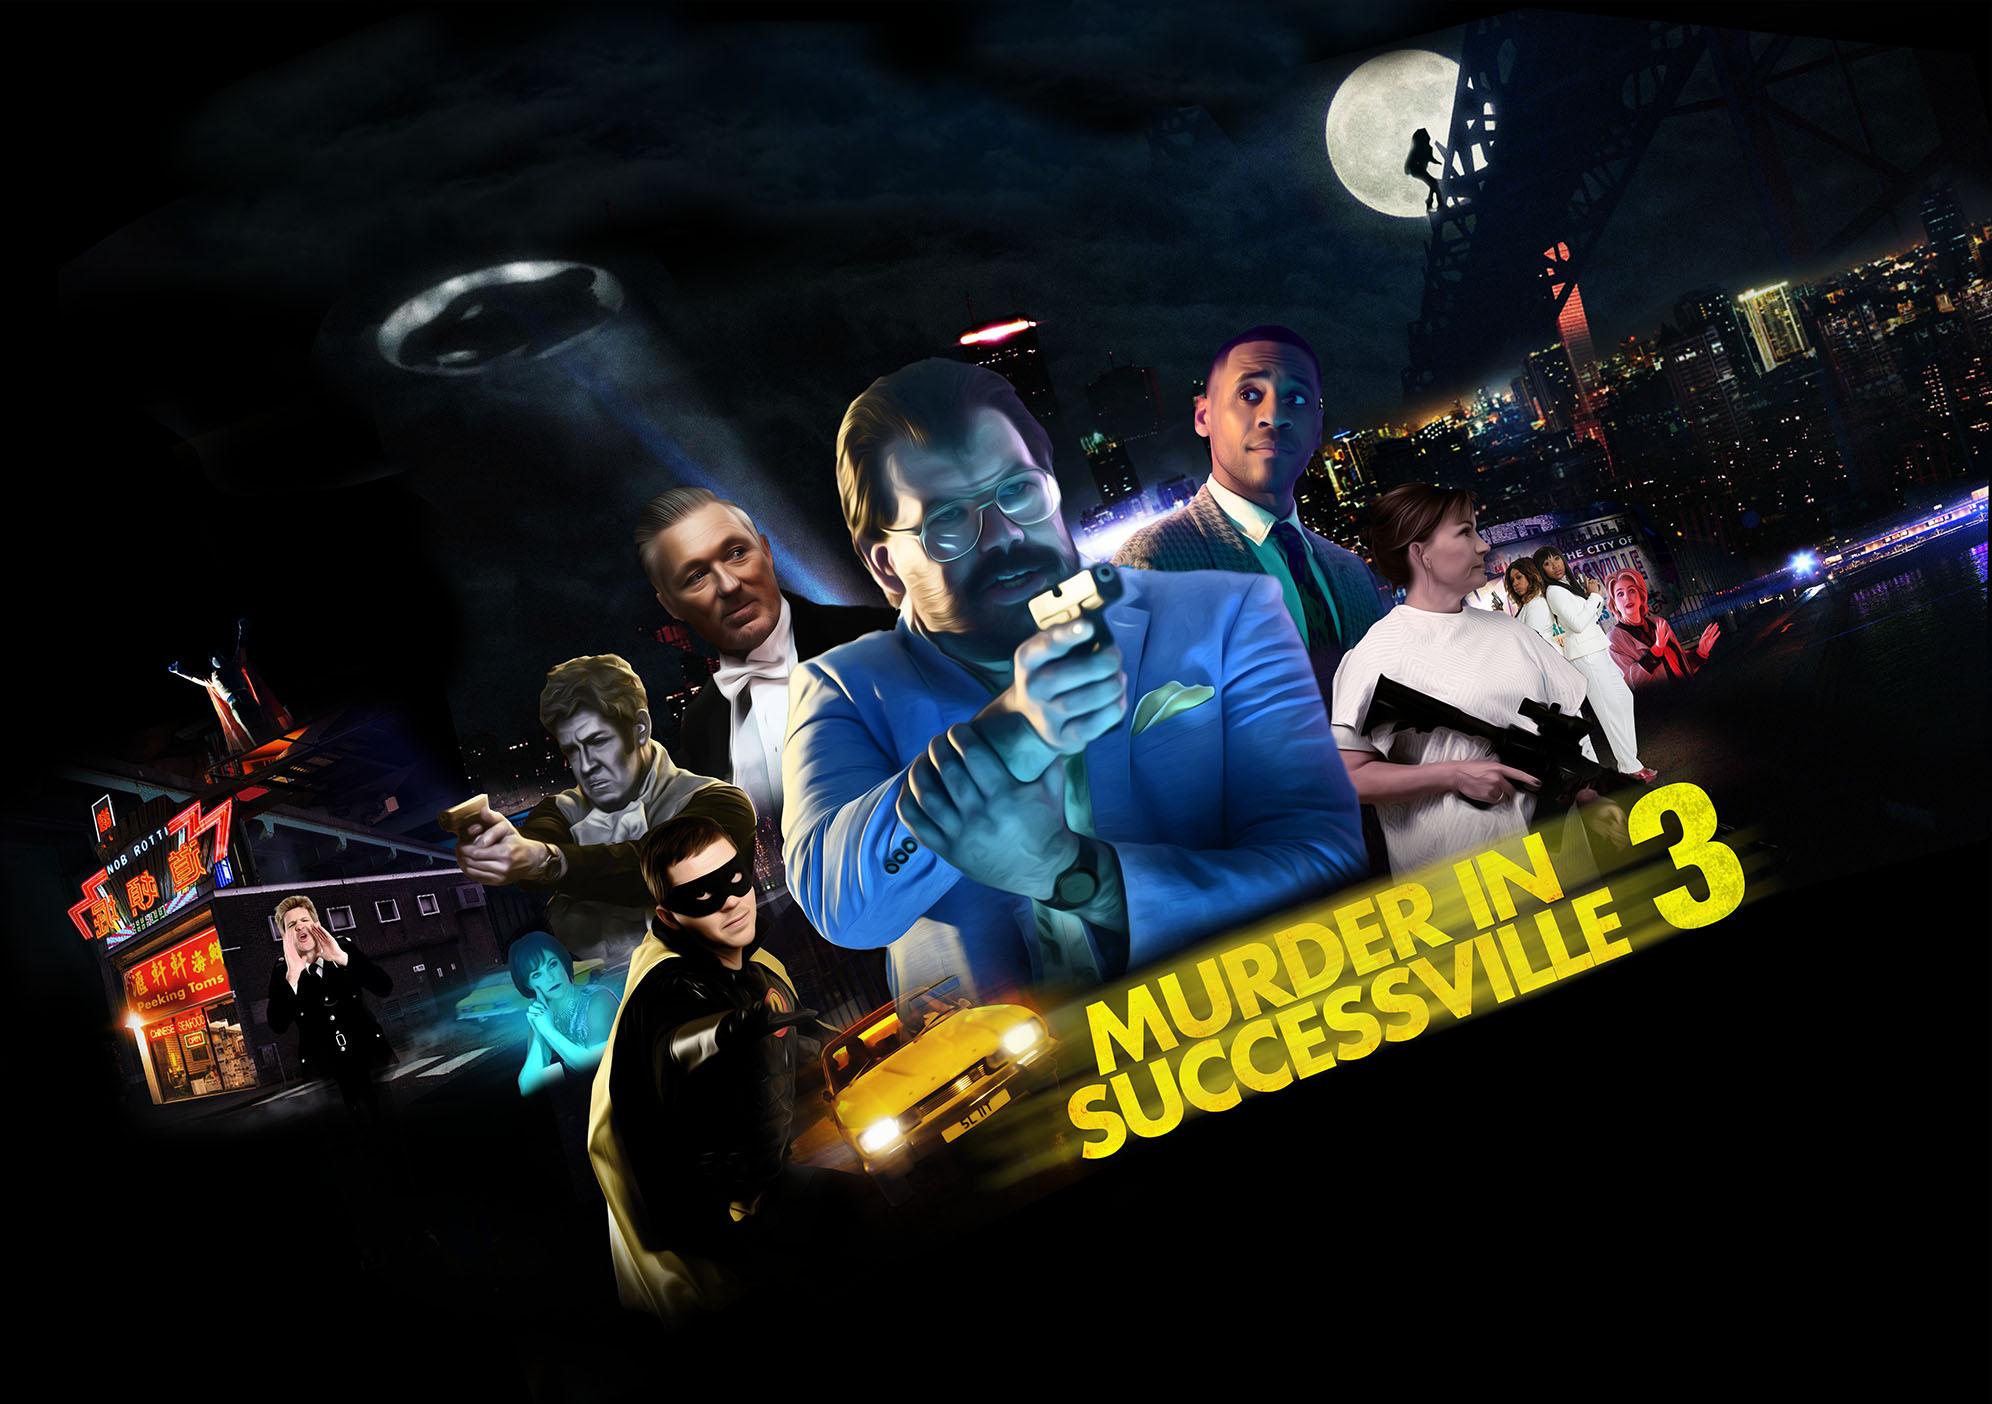 Murder in Successville - Tiger Aspect/BBC Three